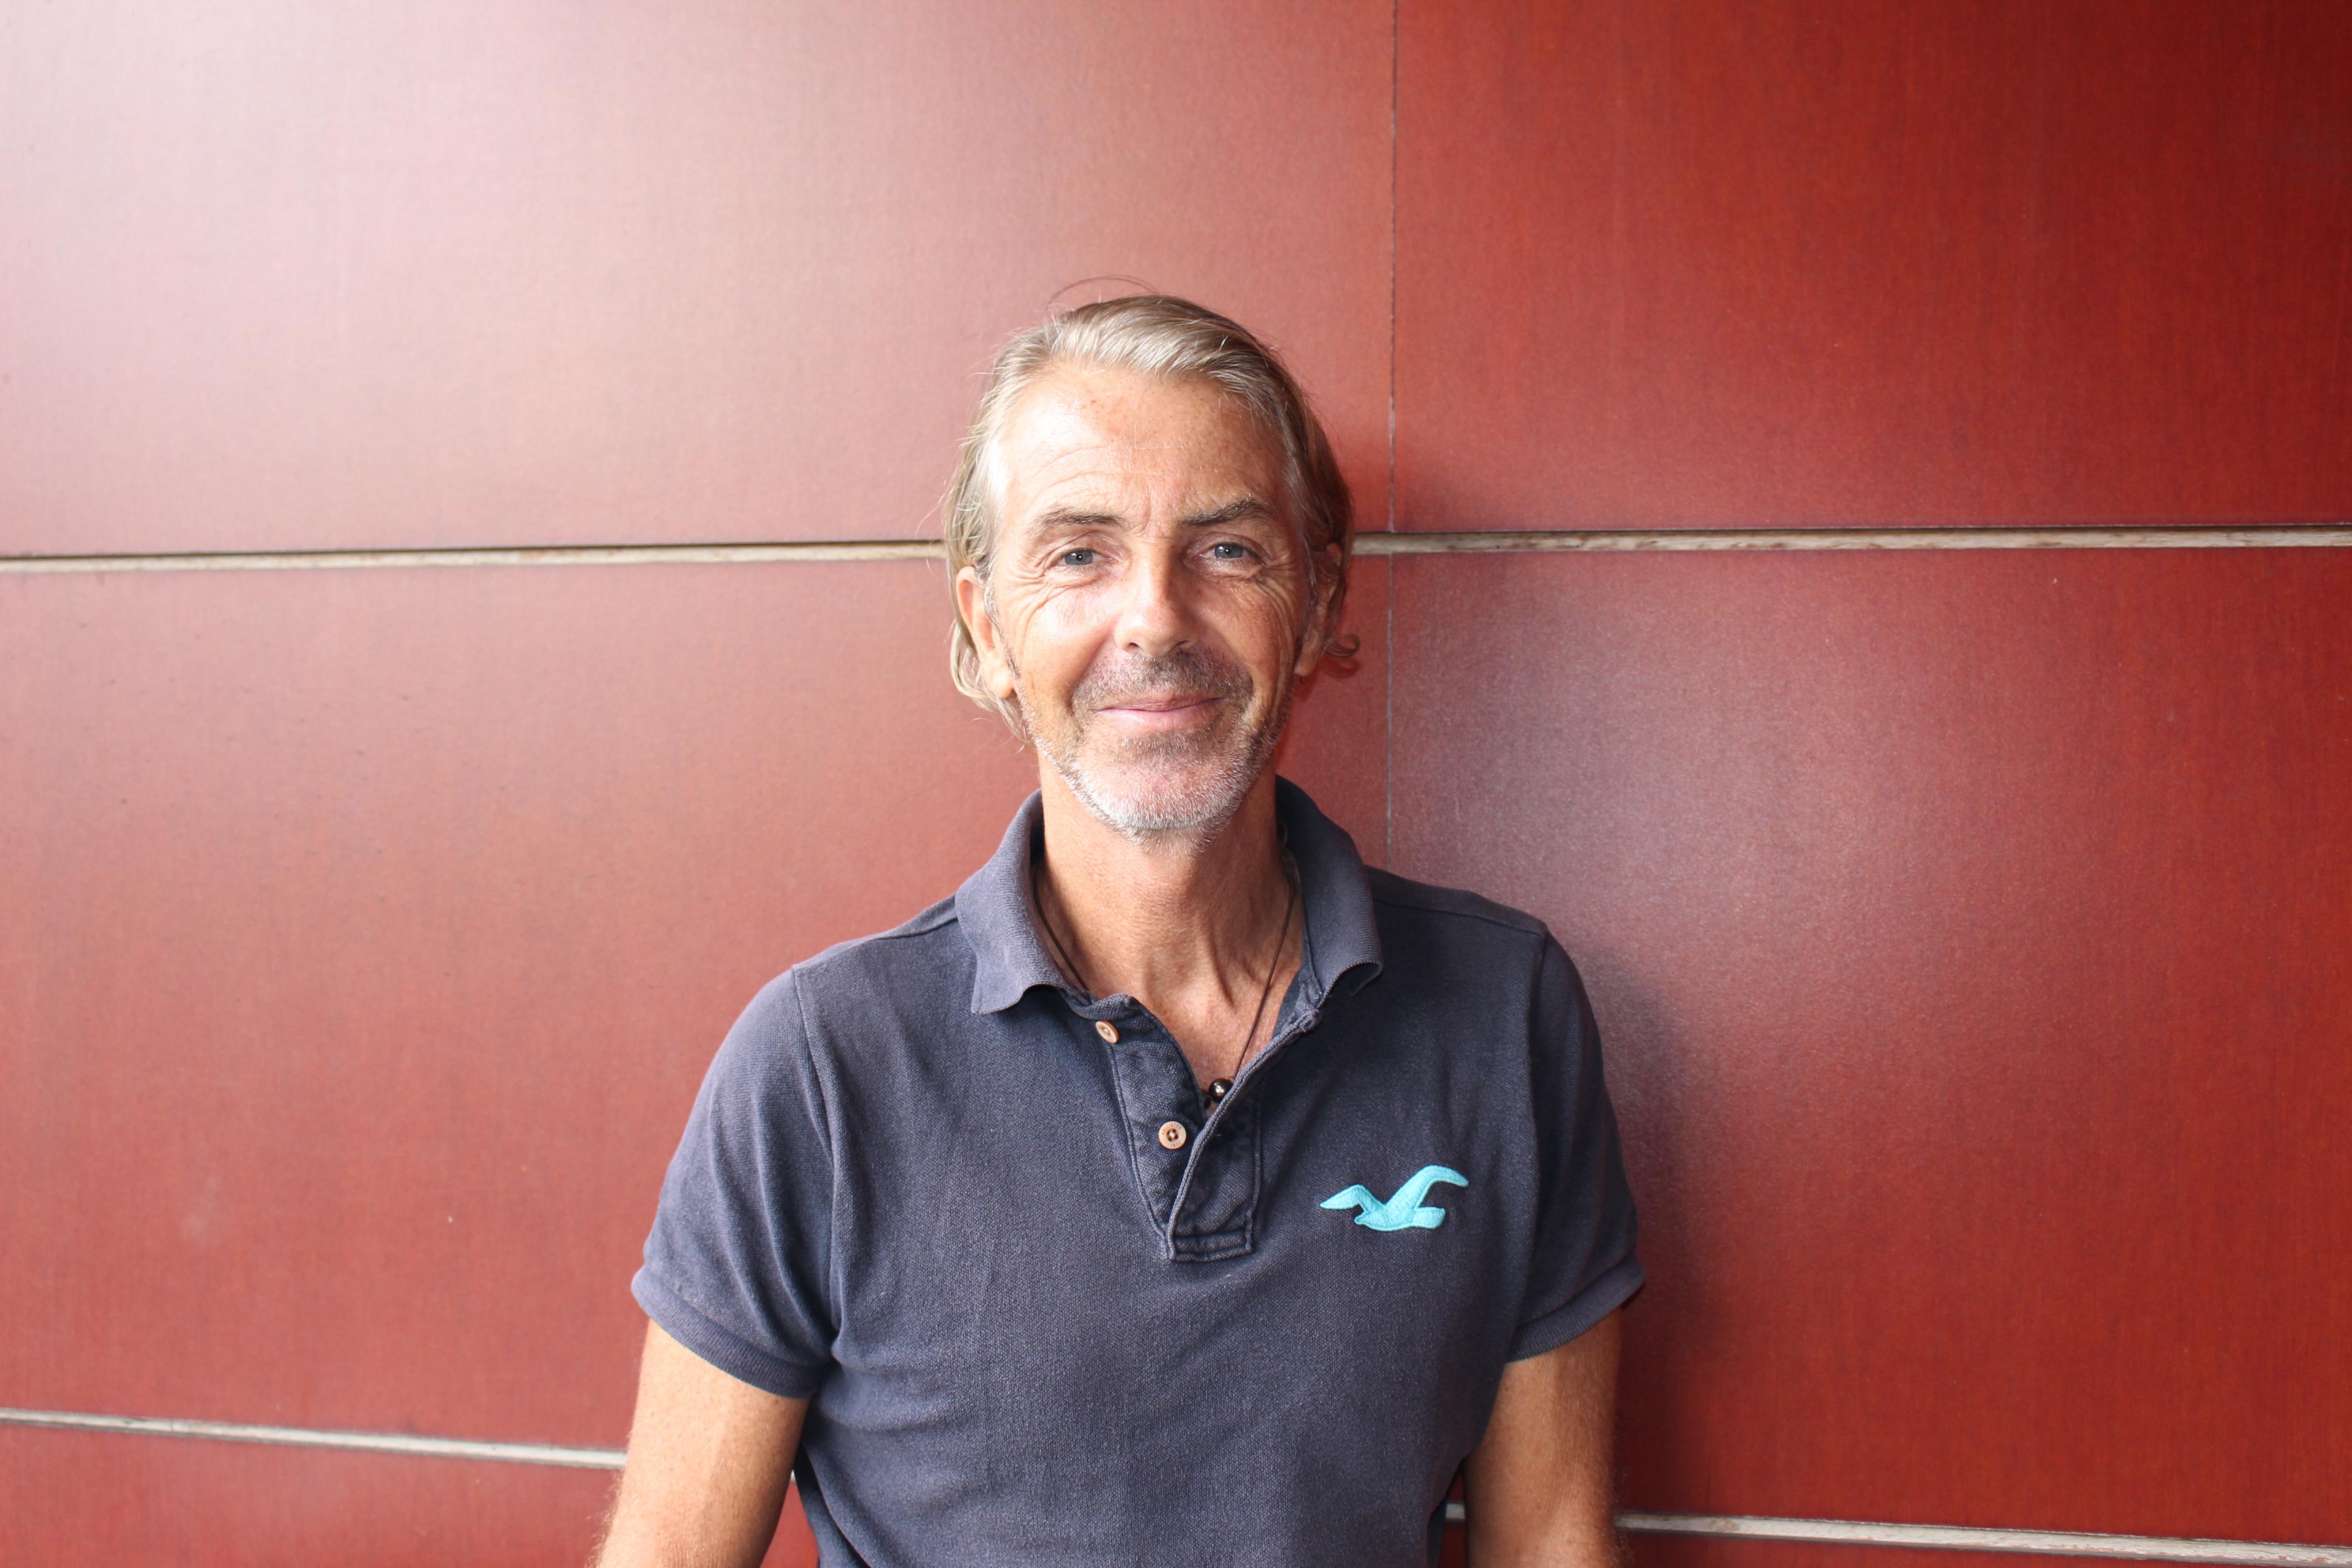 Thierry Cordonnier est arrivé à Tahiti il y a douze après des années passés dans la production et la création musicale à Paris en particulier chez Label Trema et EMI music.